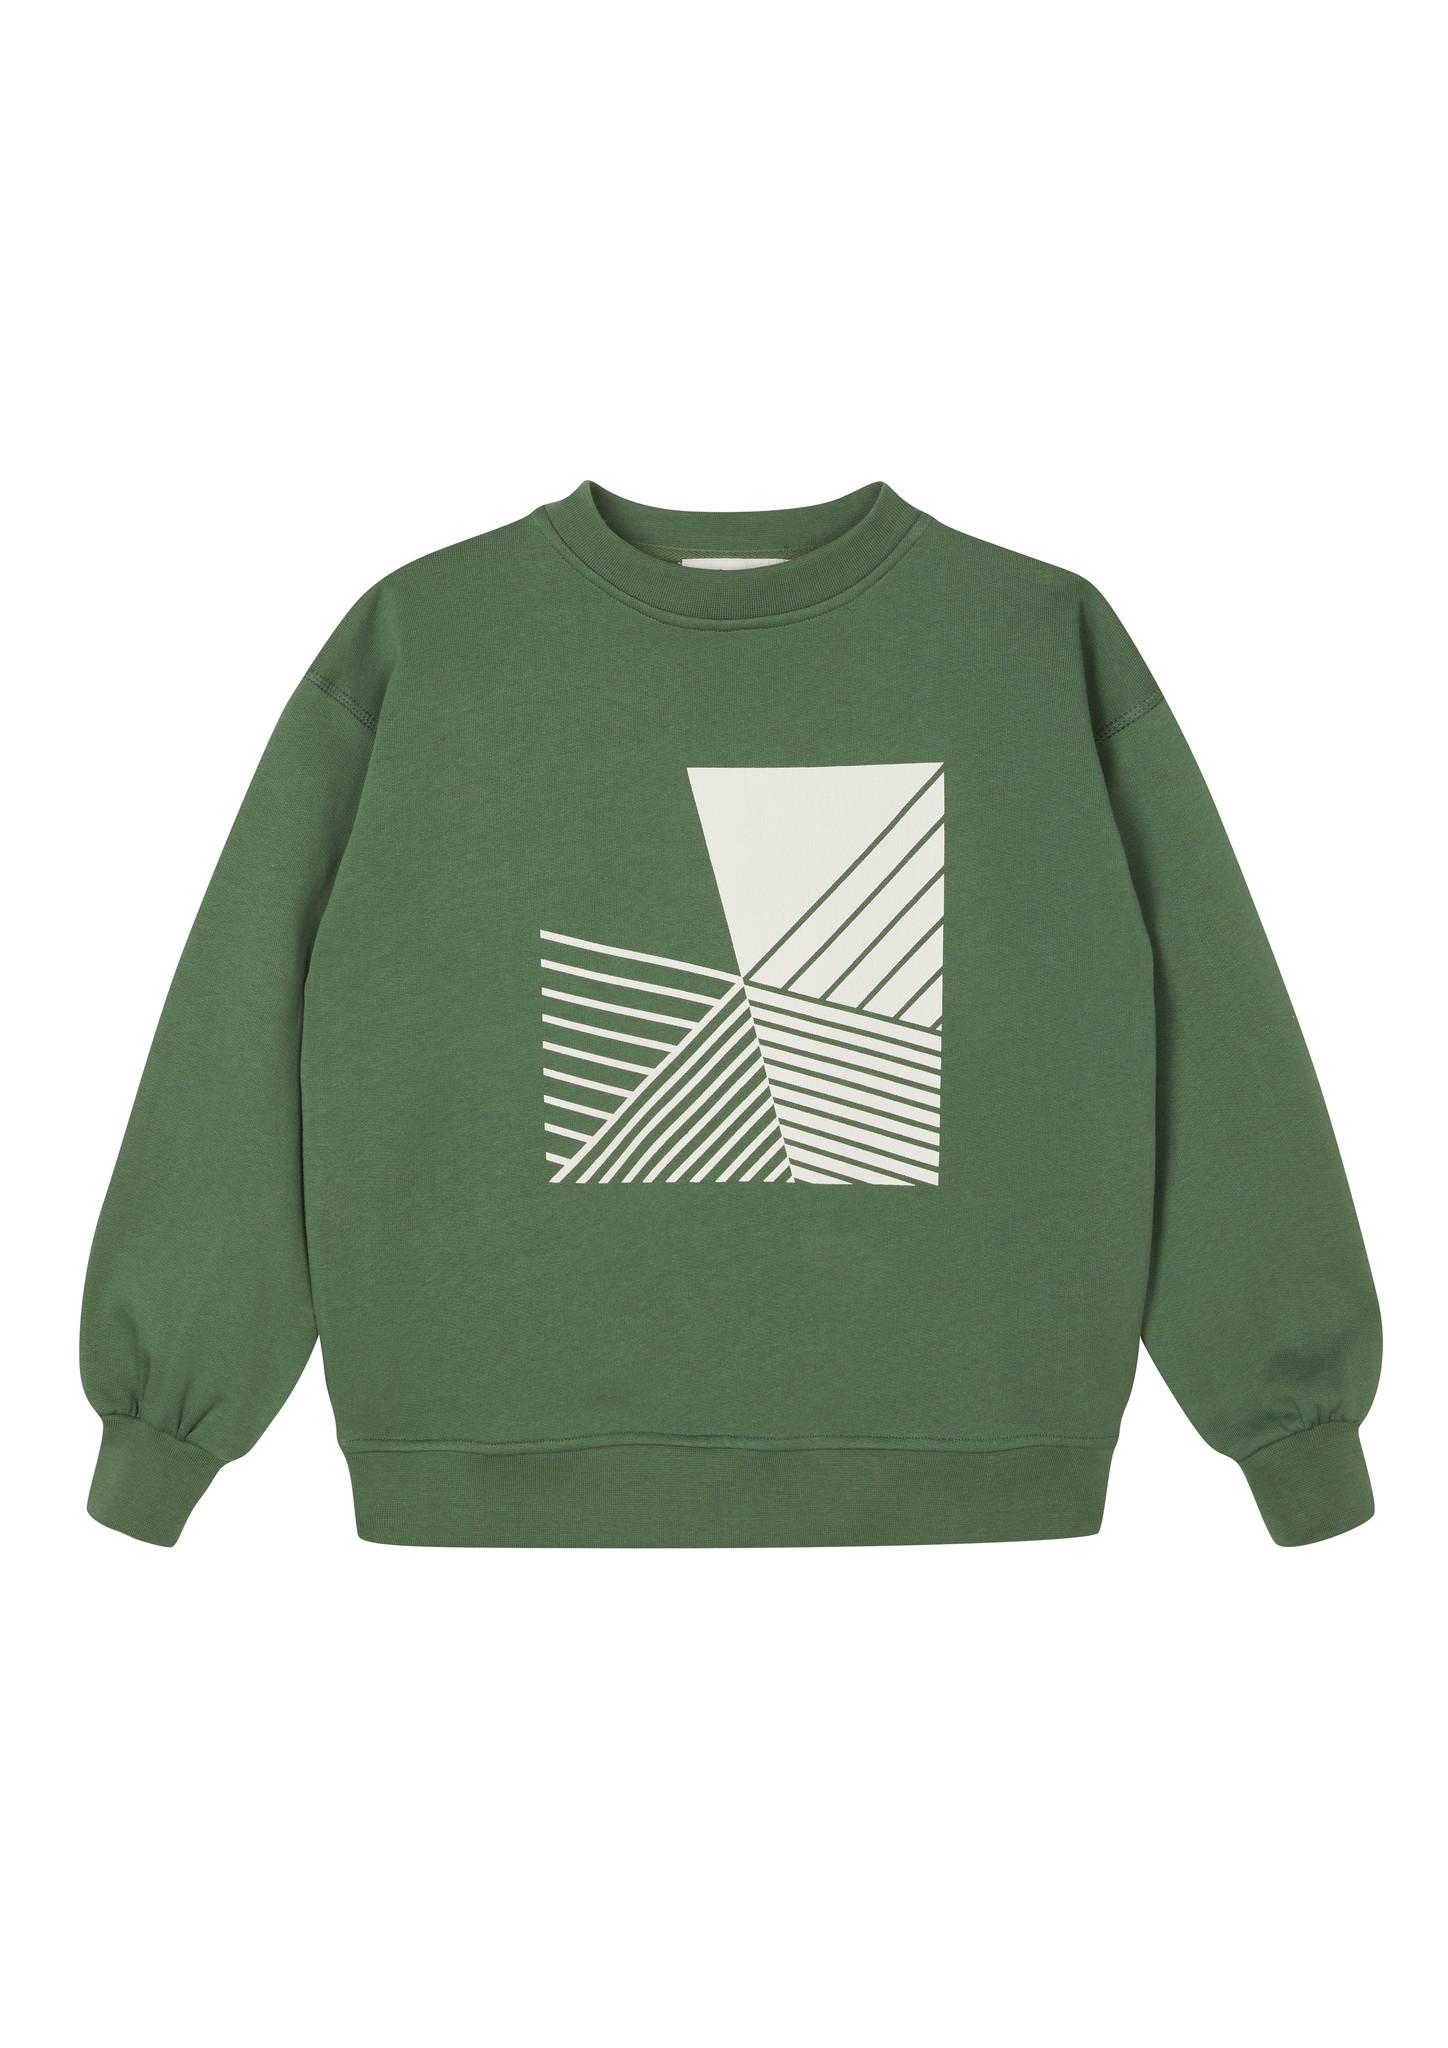 Oversized Sweatshirt - Duck Green-1